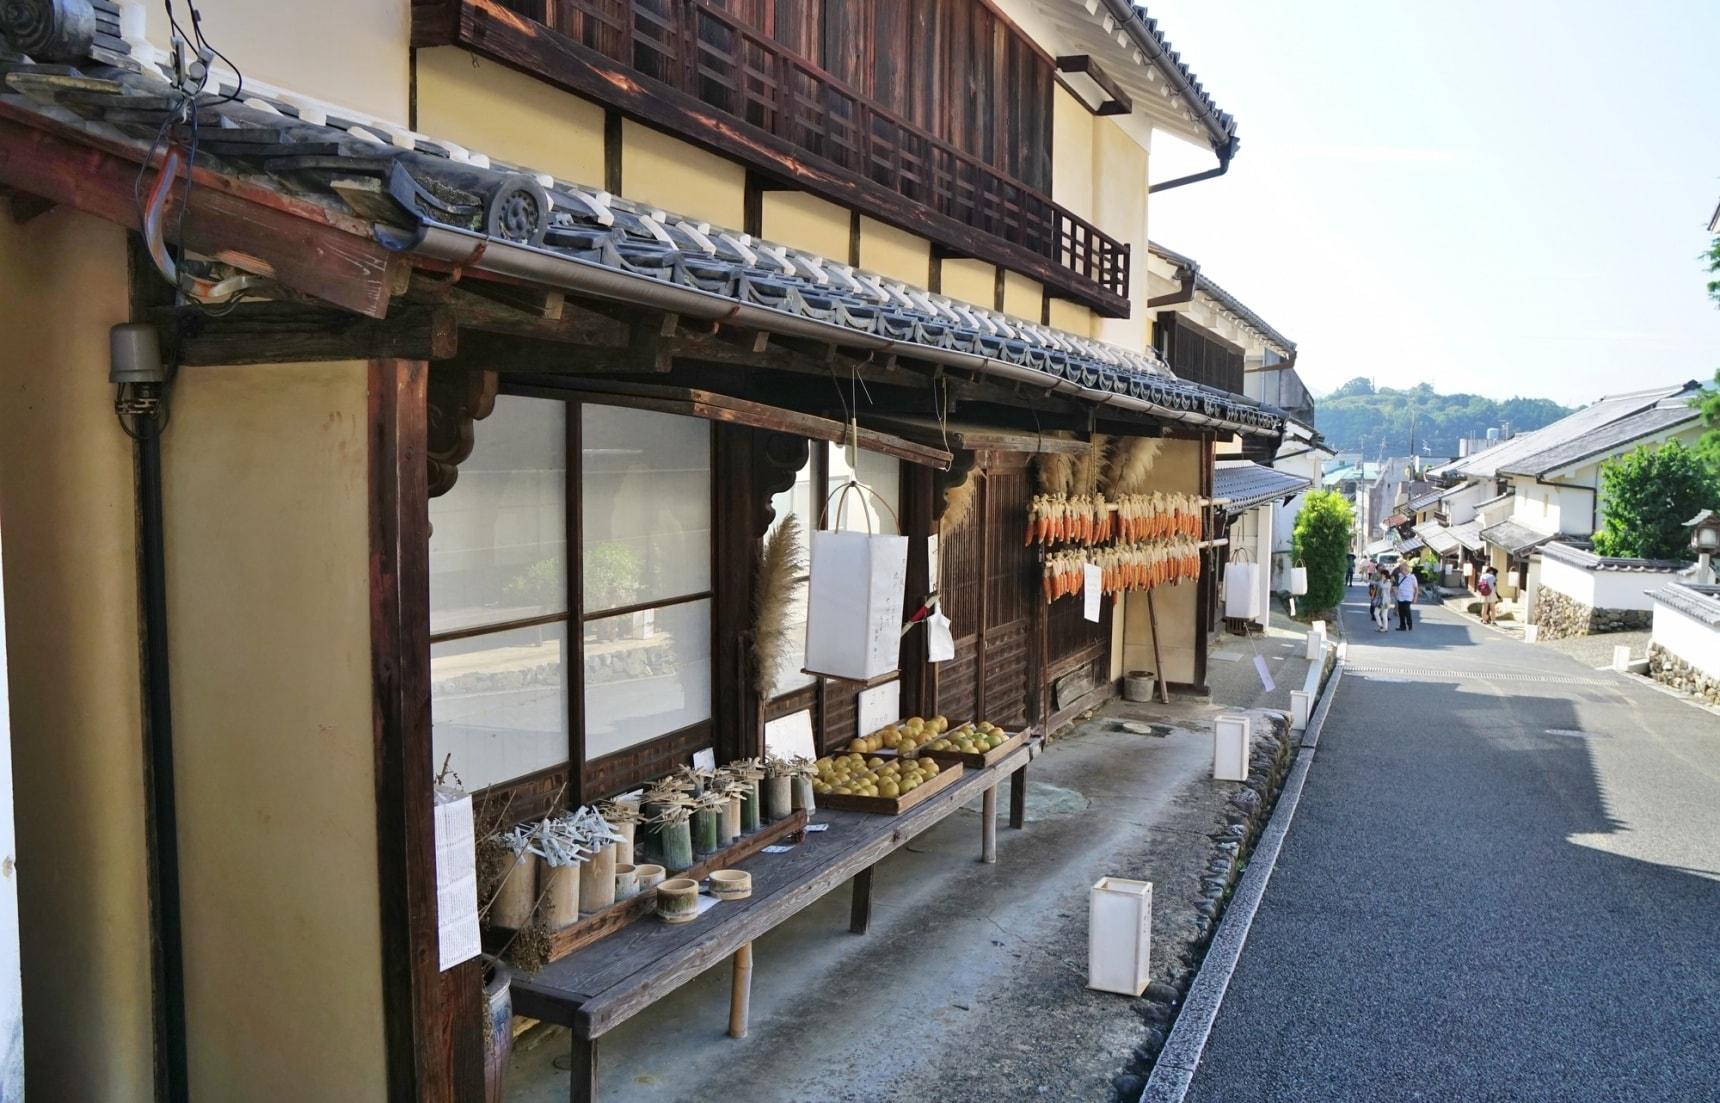 漫步木蠟與白壁之鄉・愛媛「内子」,下榻結合在地文化特色的質感旅宿